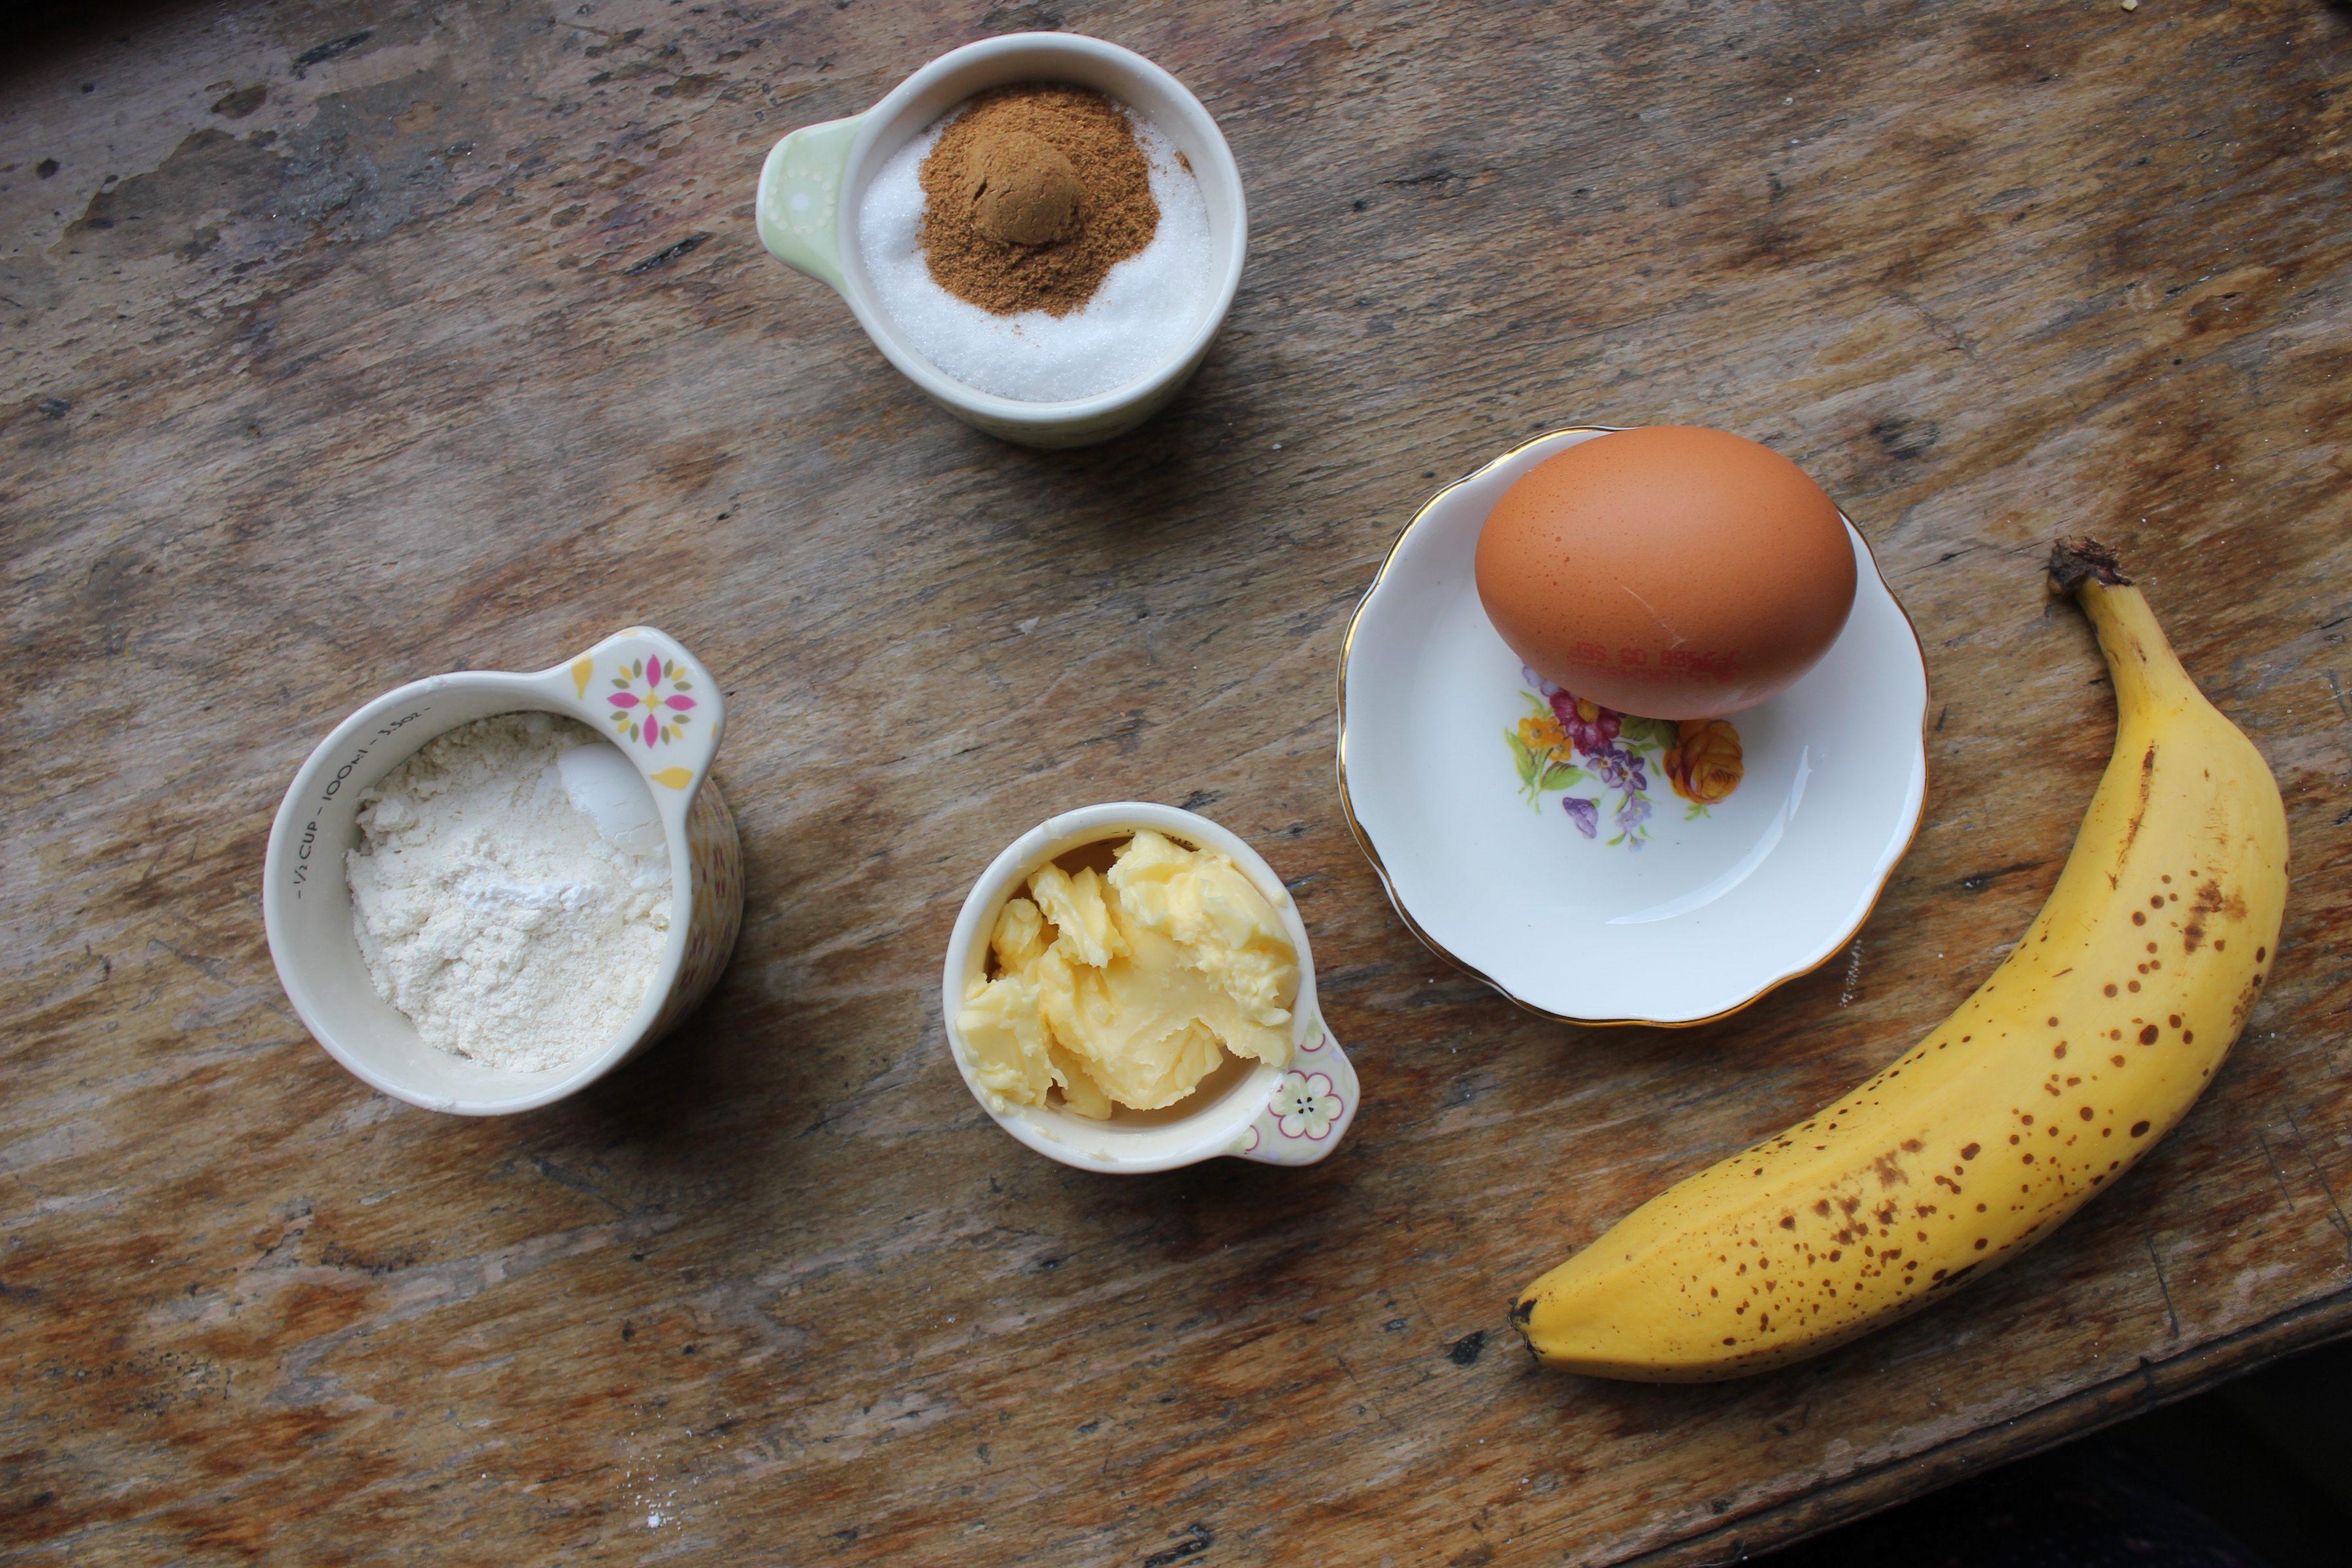 Banana and cinnamon mug cake